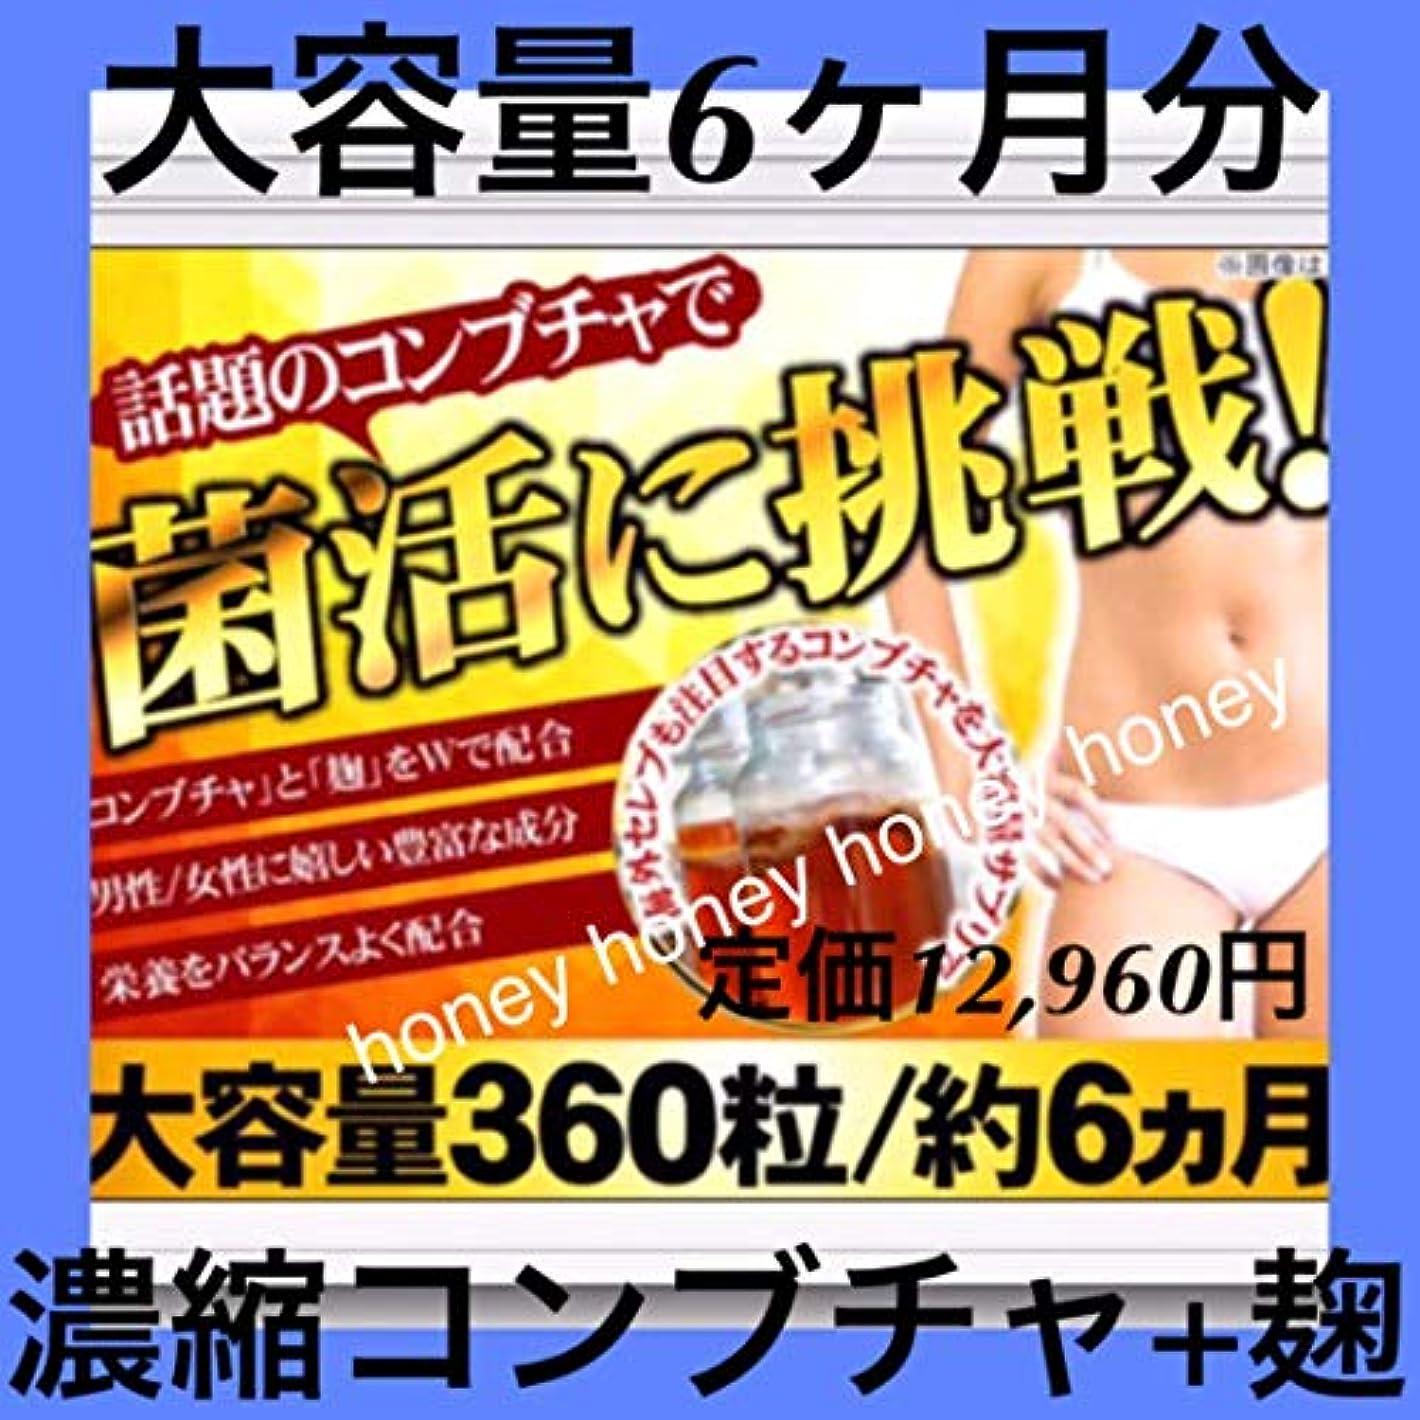 いたずらな五月やさしい大容量6ヶ月定価12,960円??濃縮コンブチャ菌活スリム ダイエット??